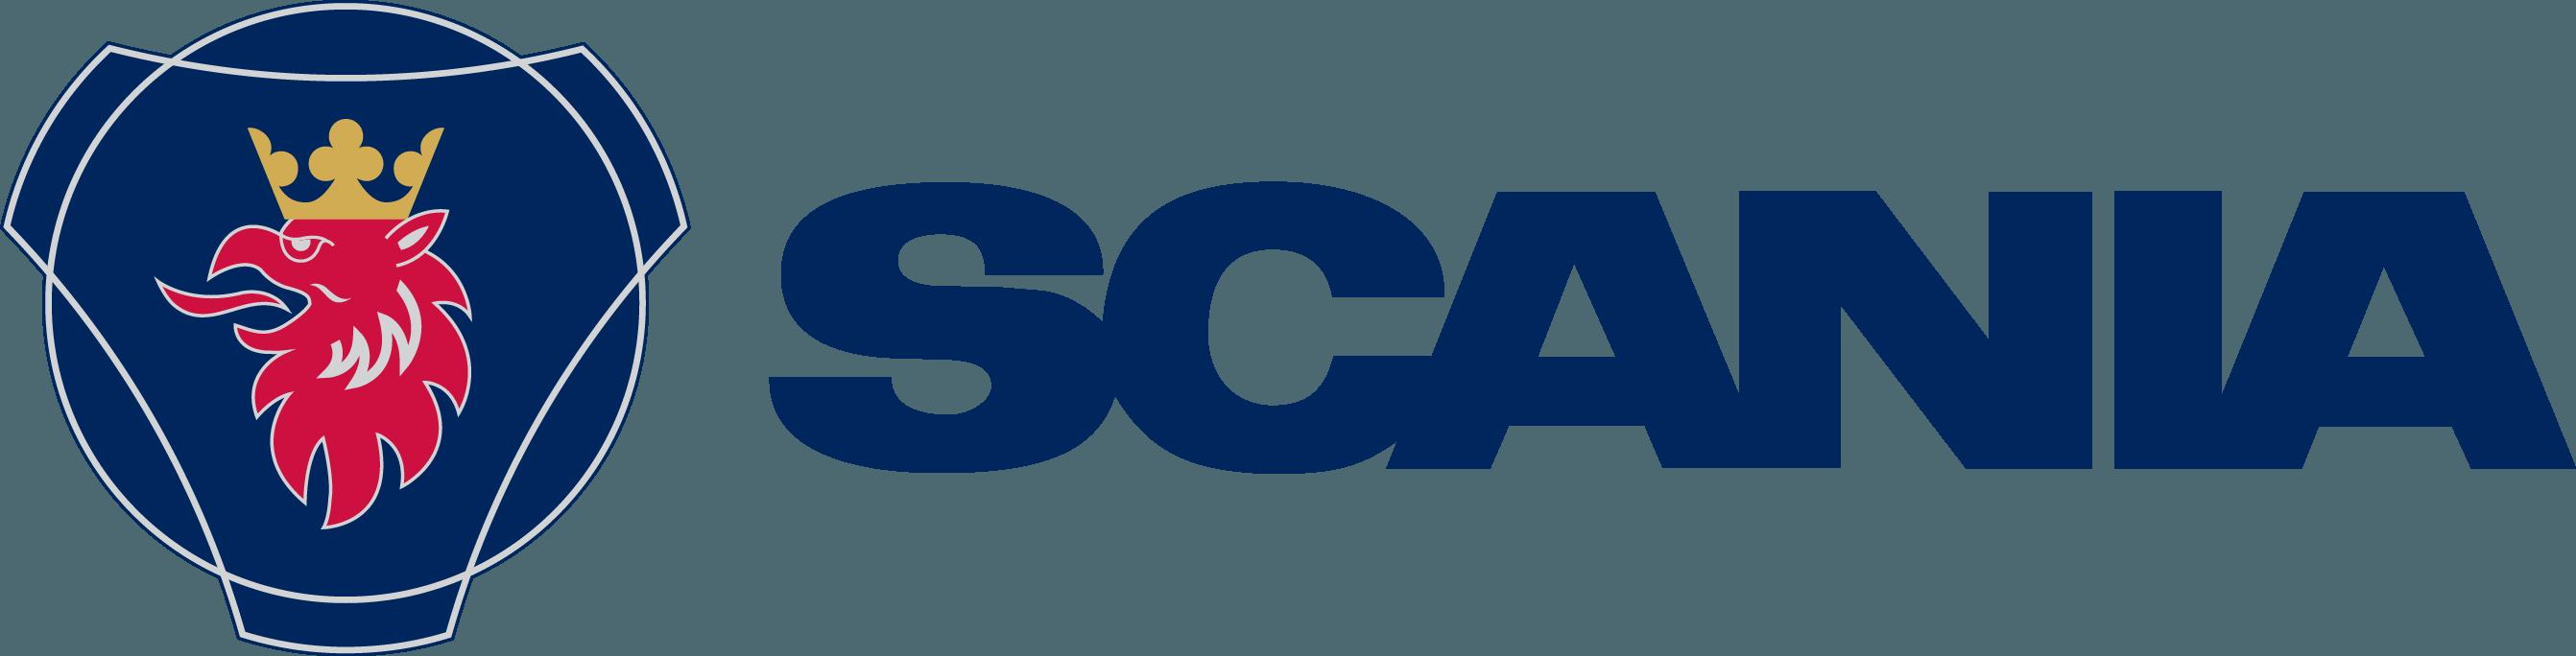 خدمات تخصصی برق و کولر اسکانیا (رضوان)